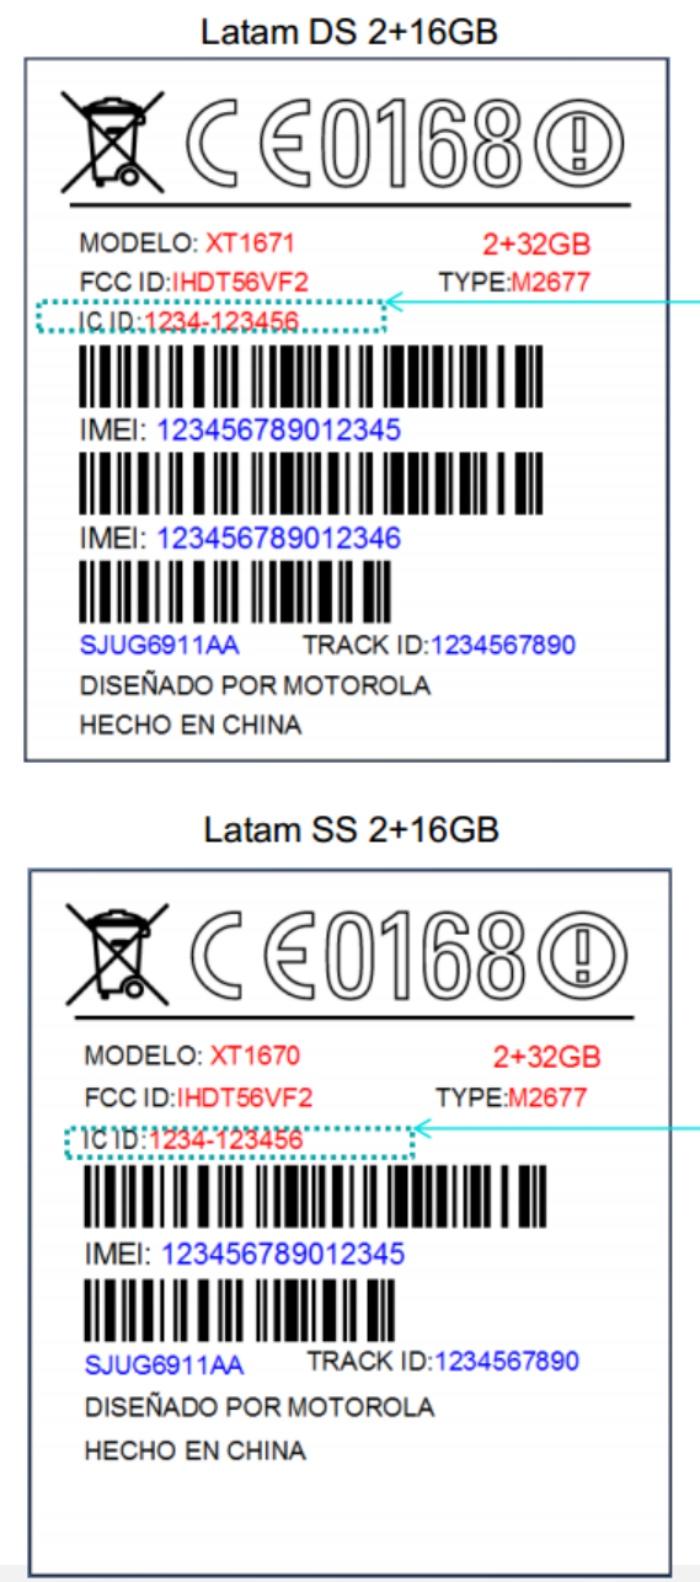 Motorola-XT1670-XT1671-FCC